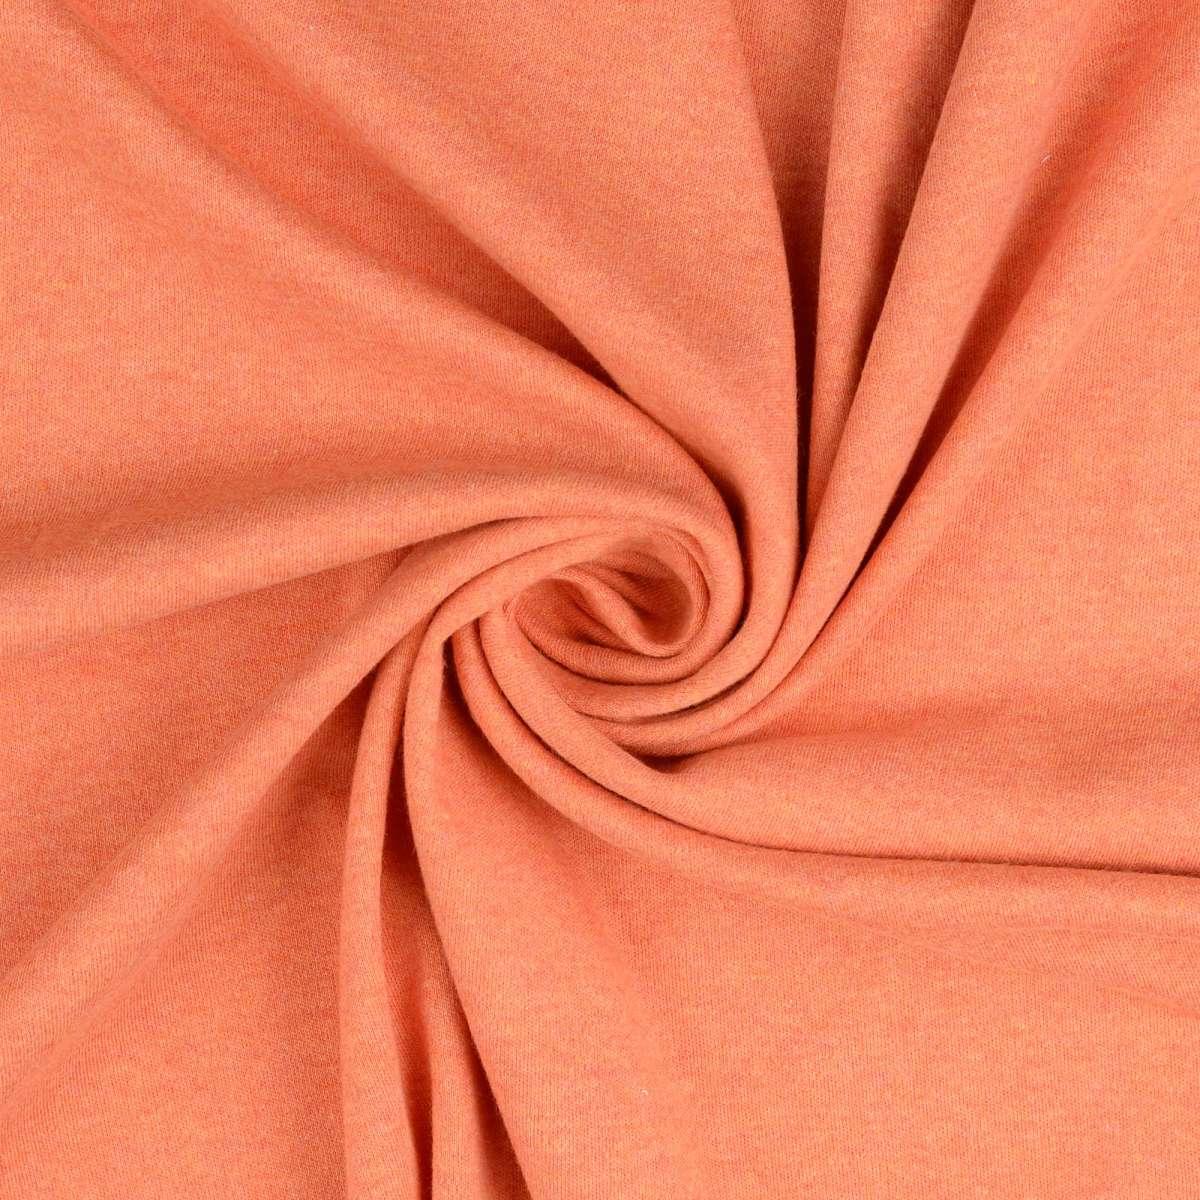 Melange orange/pink brushed cotton jersey